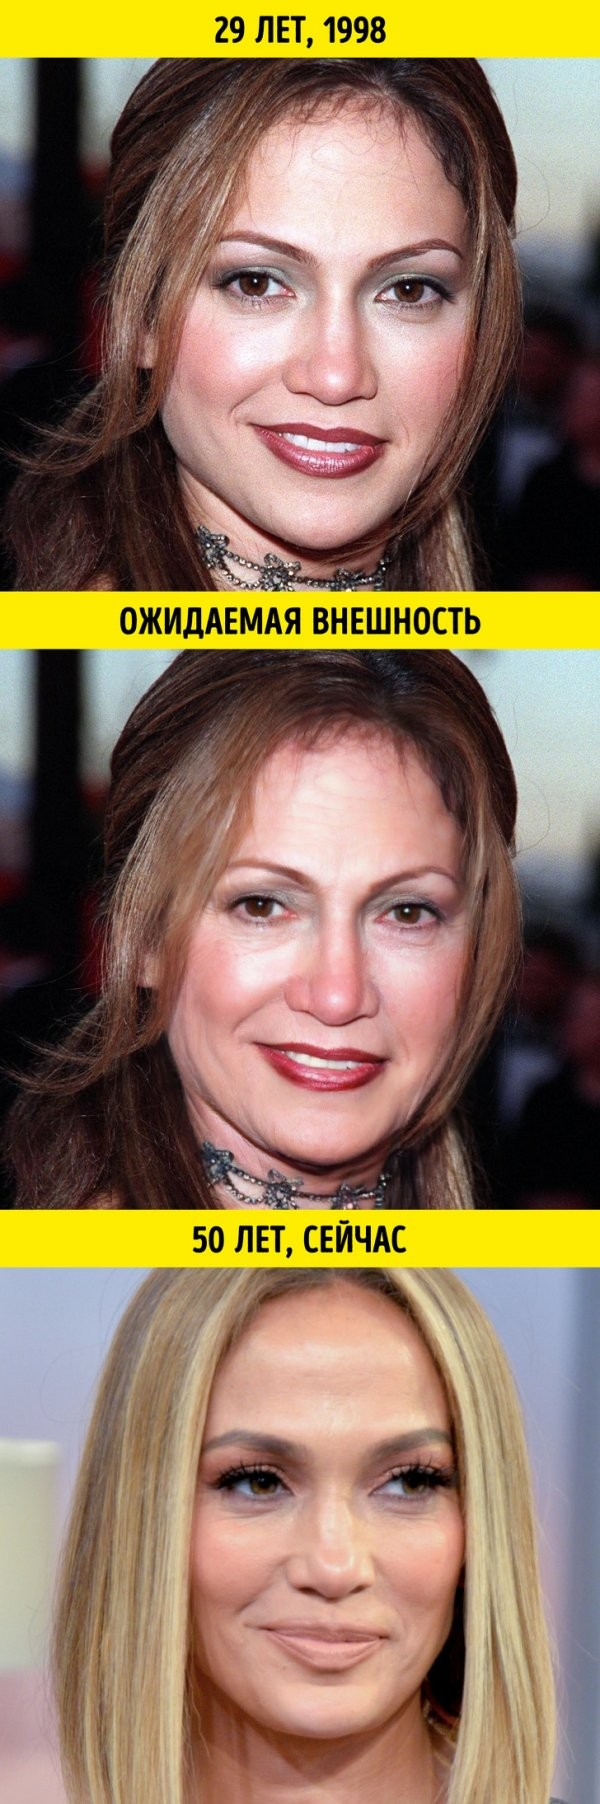 Какой бы была внешность знаменитостей, если бы они старели (10 фото)